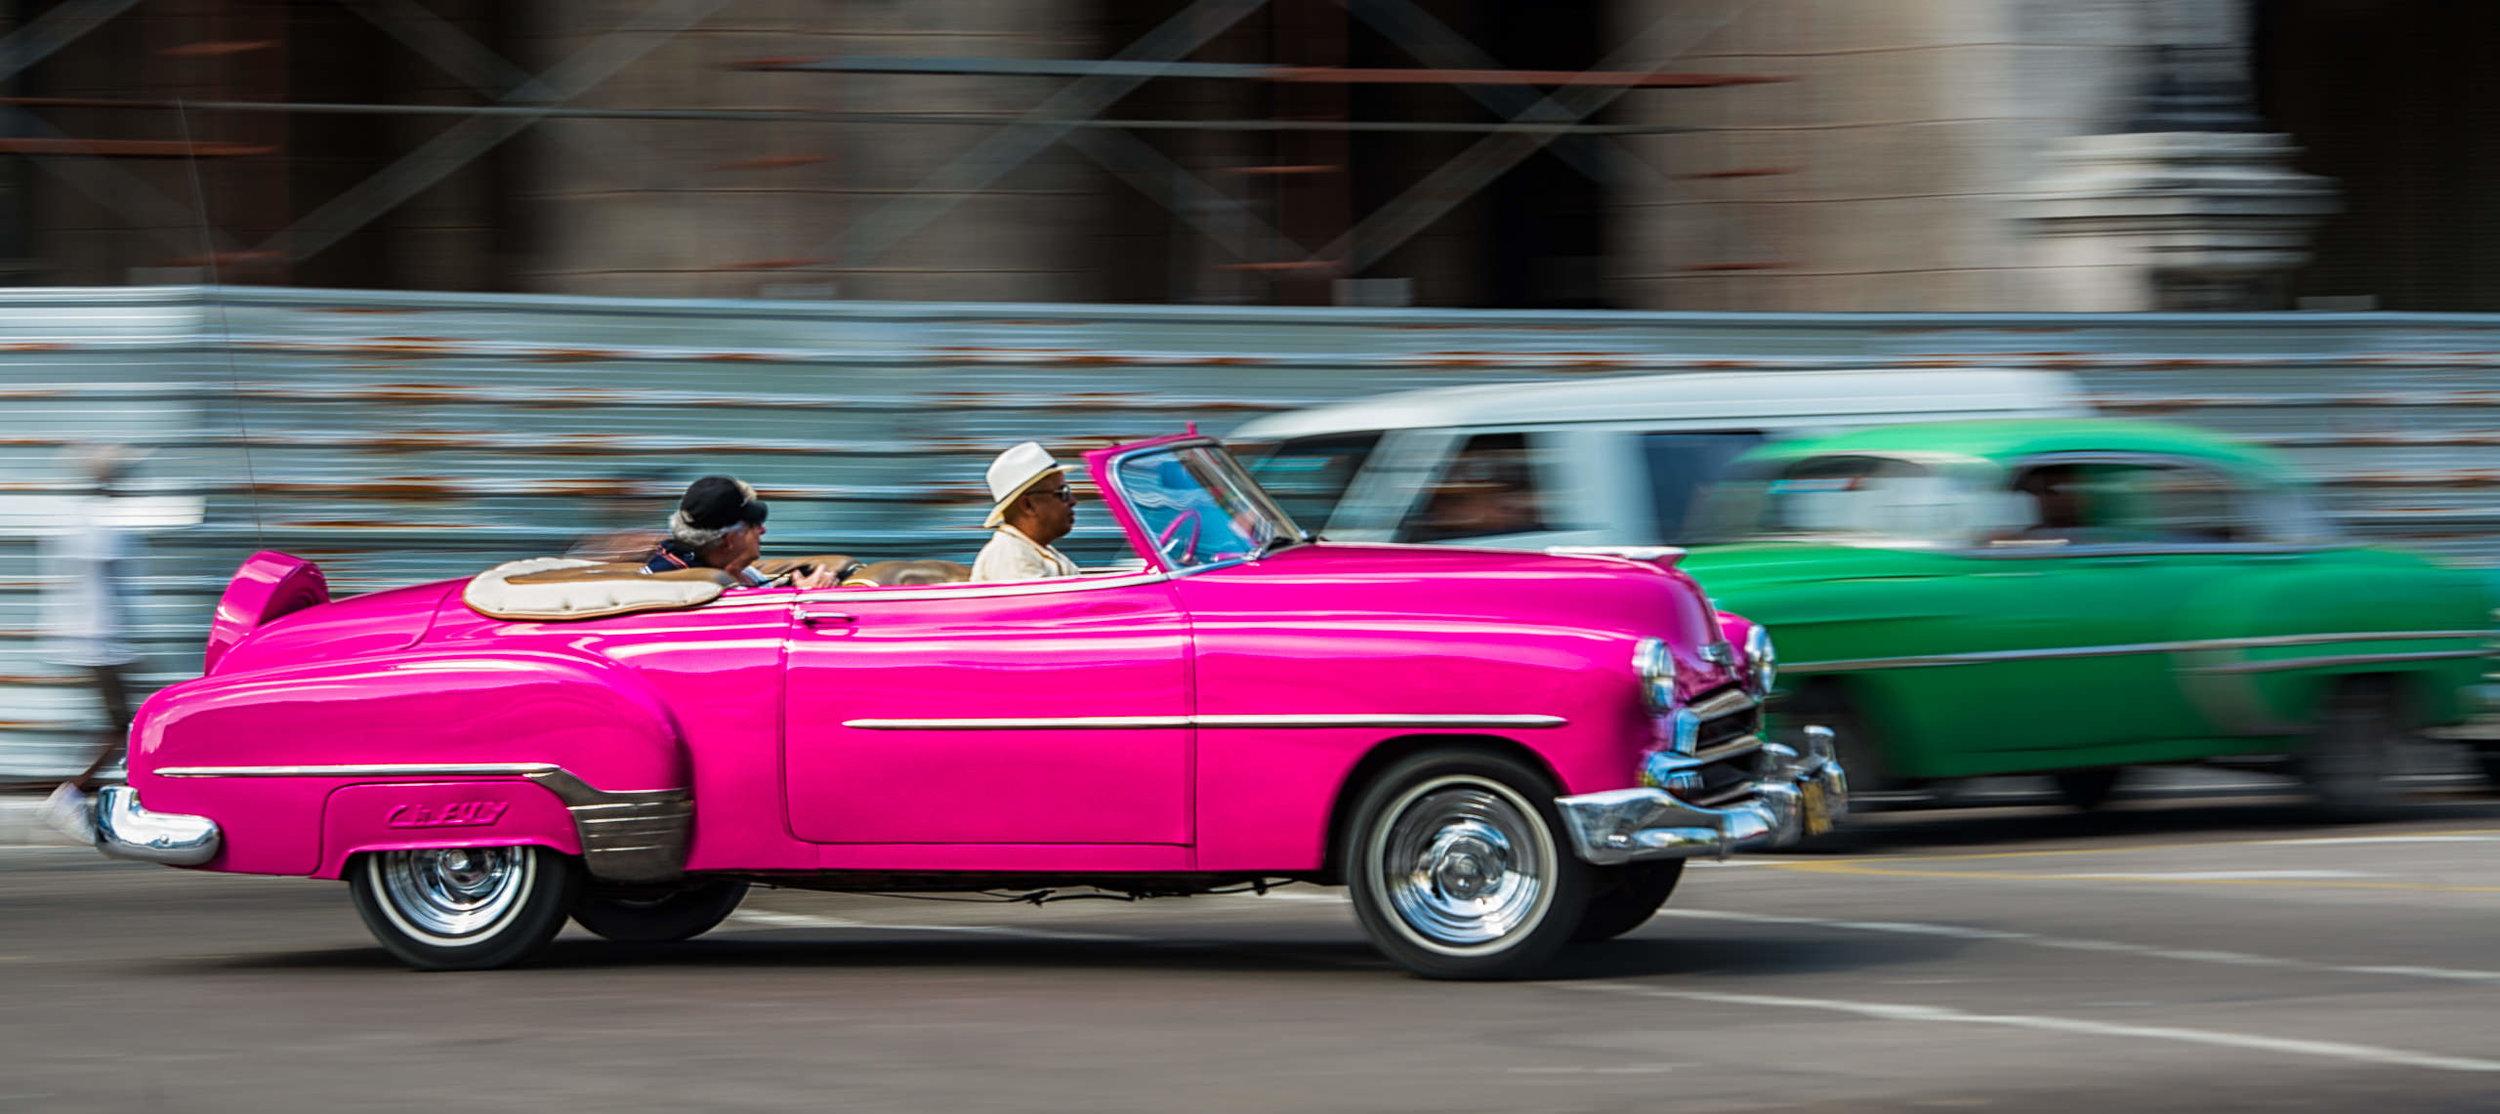 [2013-12-23] NIKON D800 Cuba (9713)-Edit.jpg